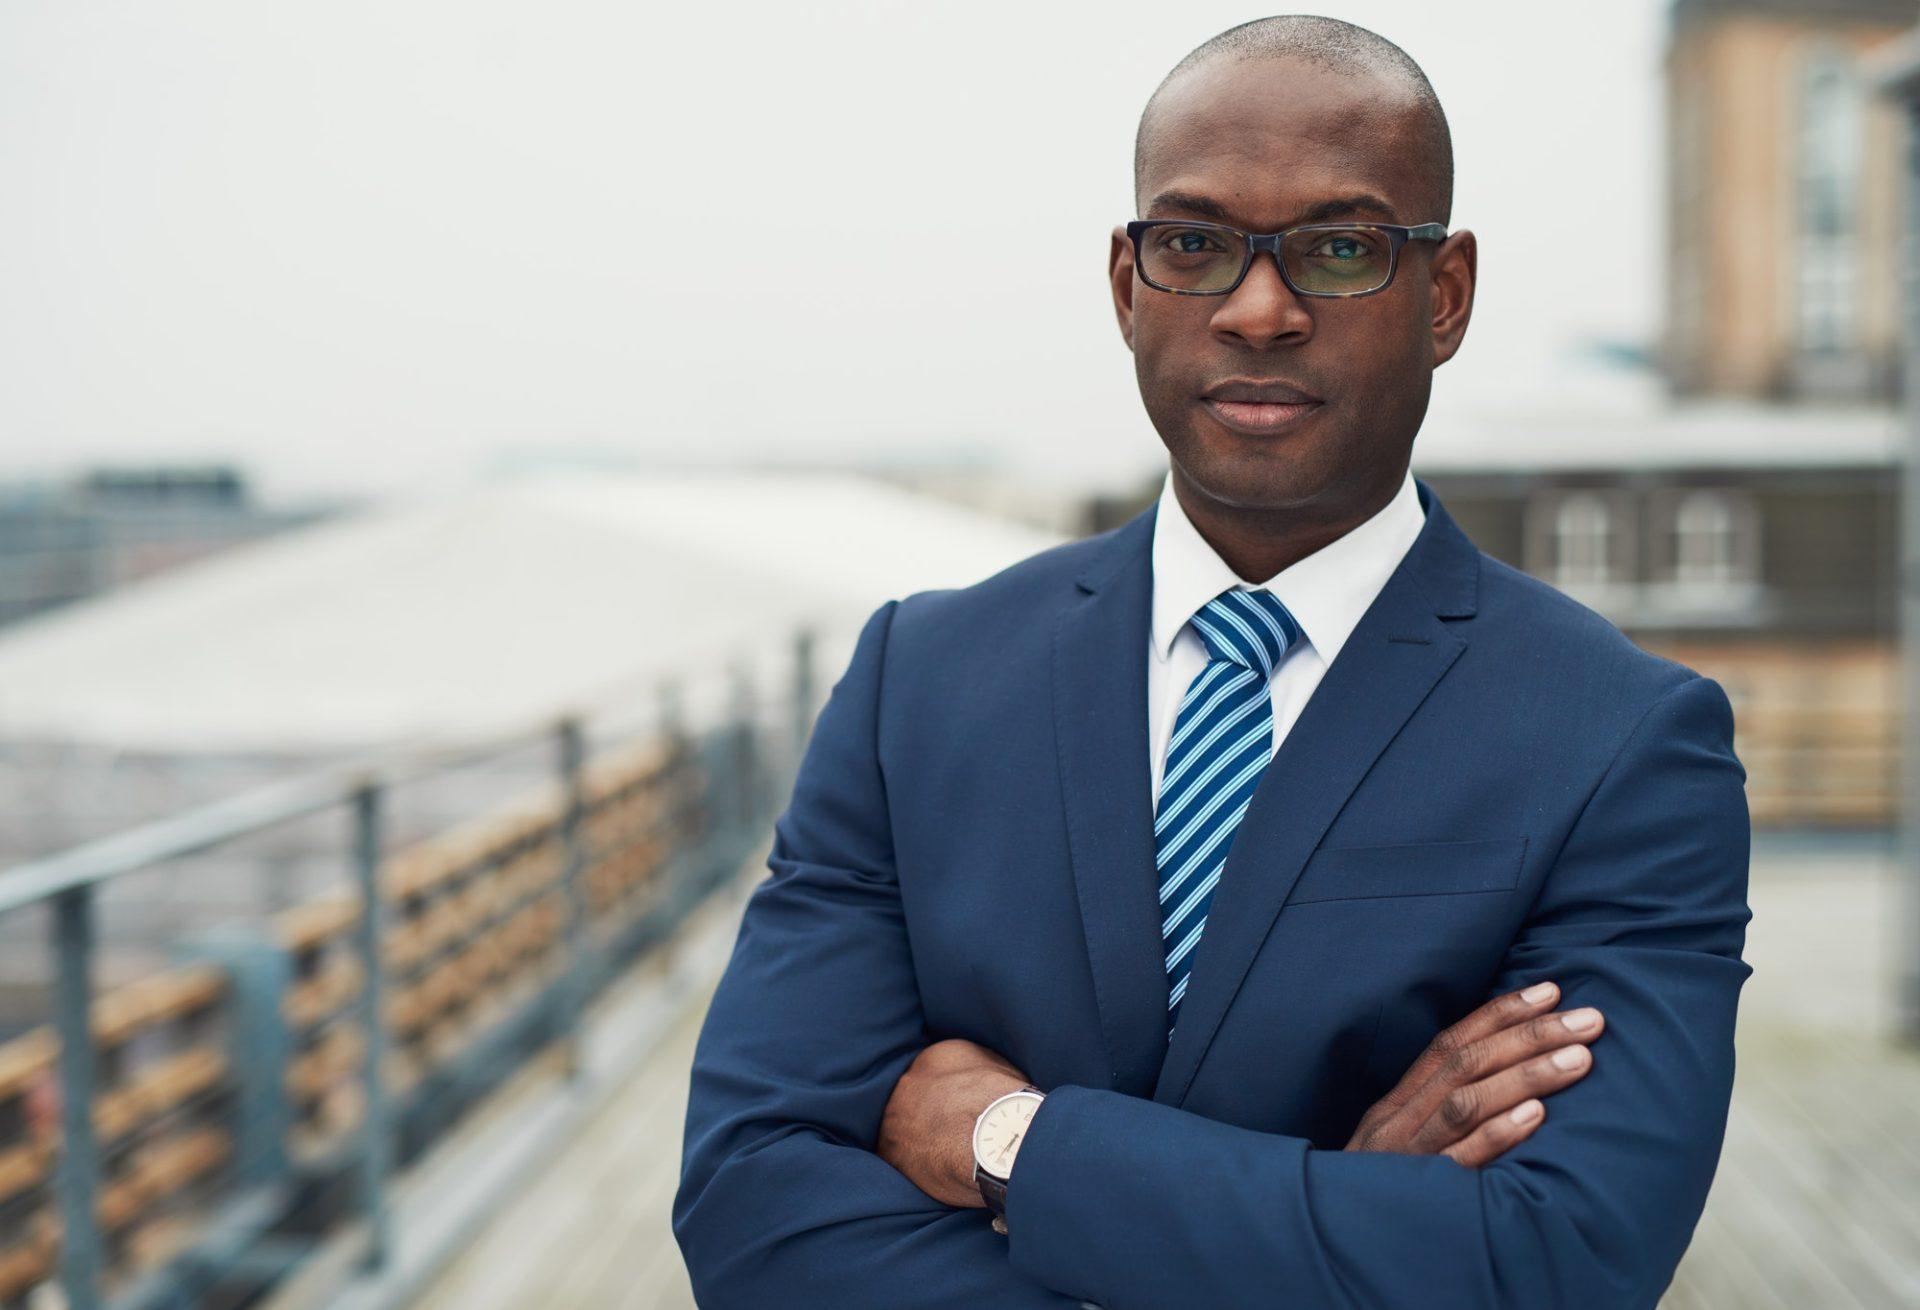 Confident black business man